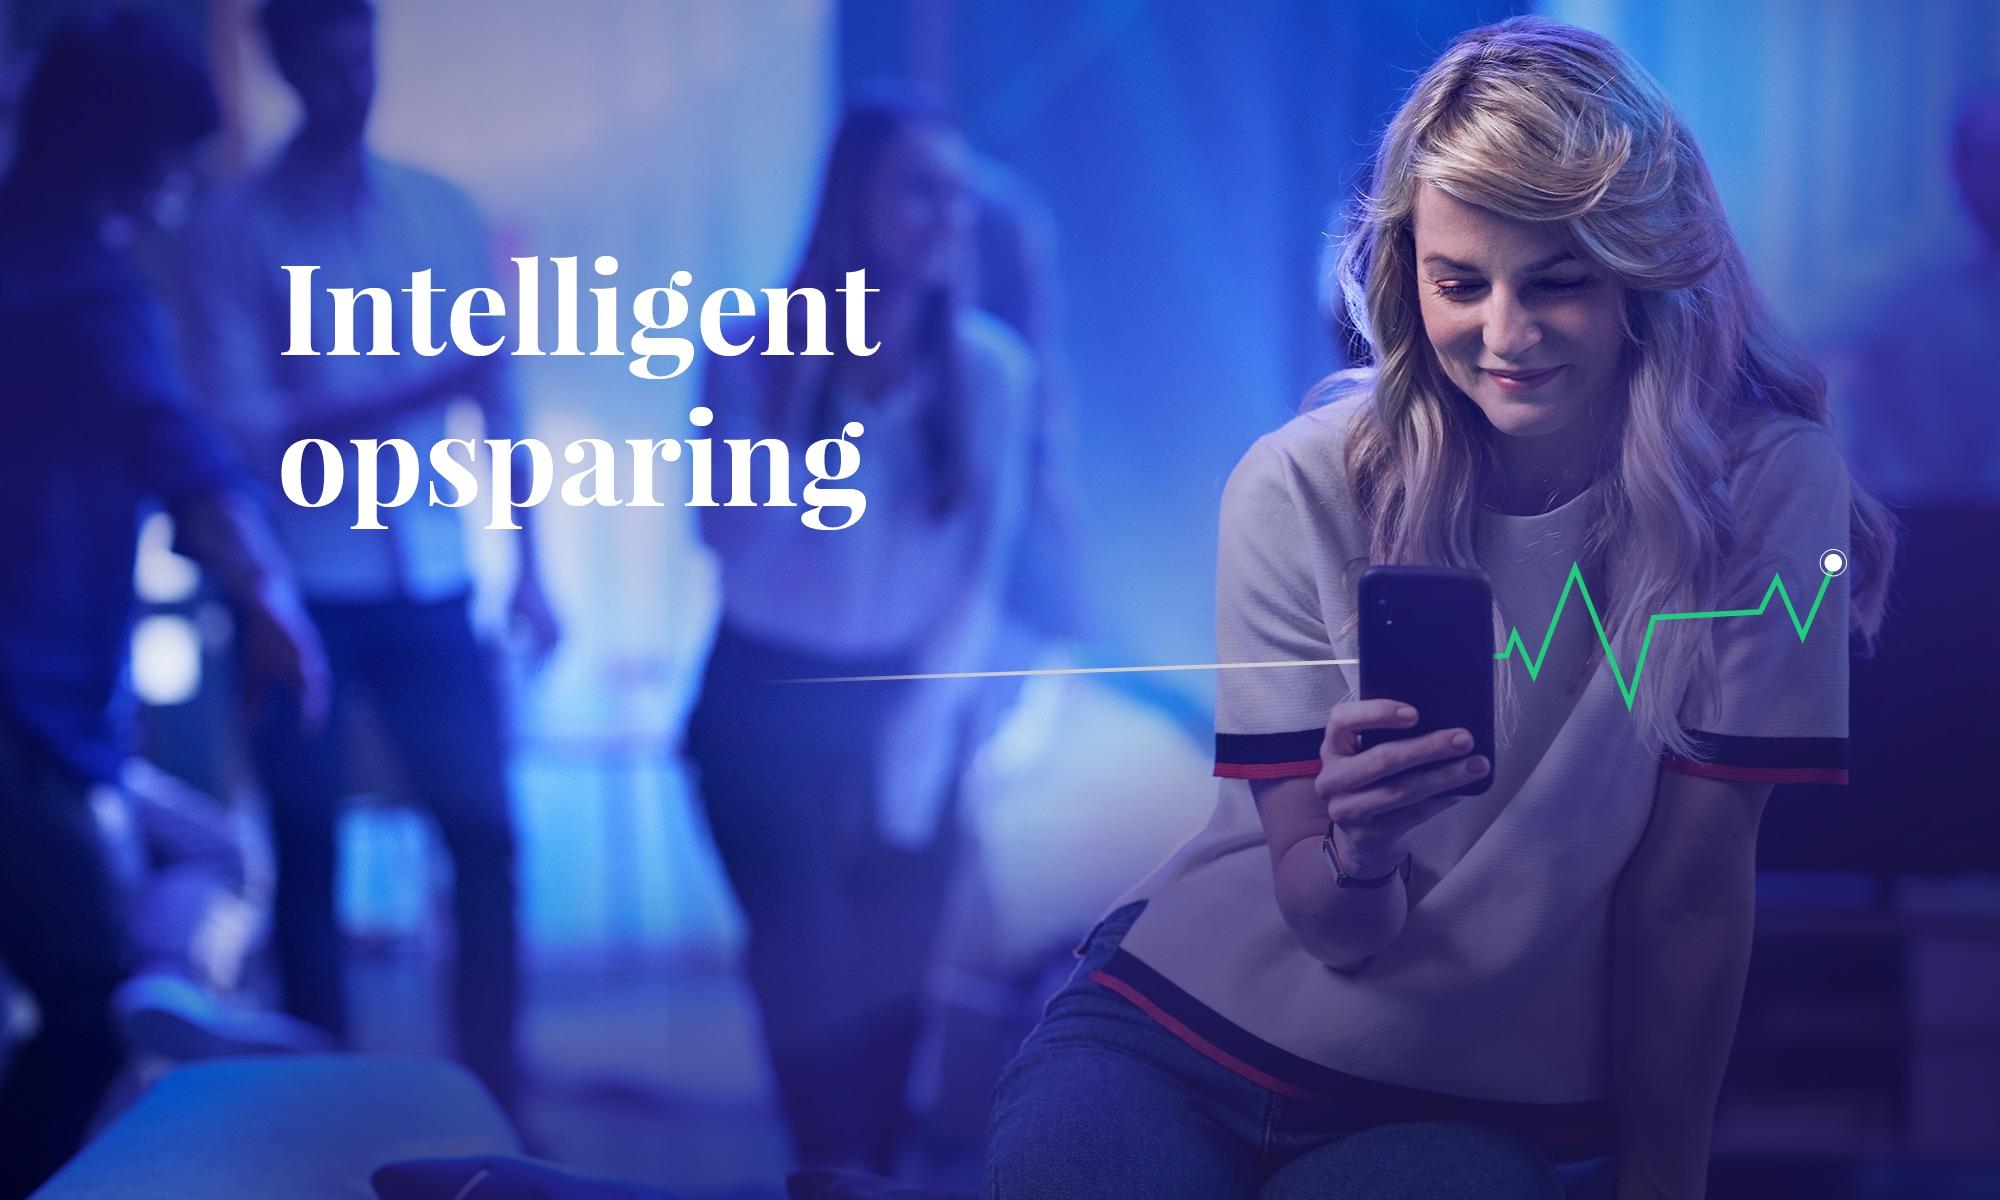 Hvad mener vi egentlig, når vi i vores nye reklame kalder June for en intelligent opsparing?